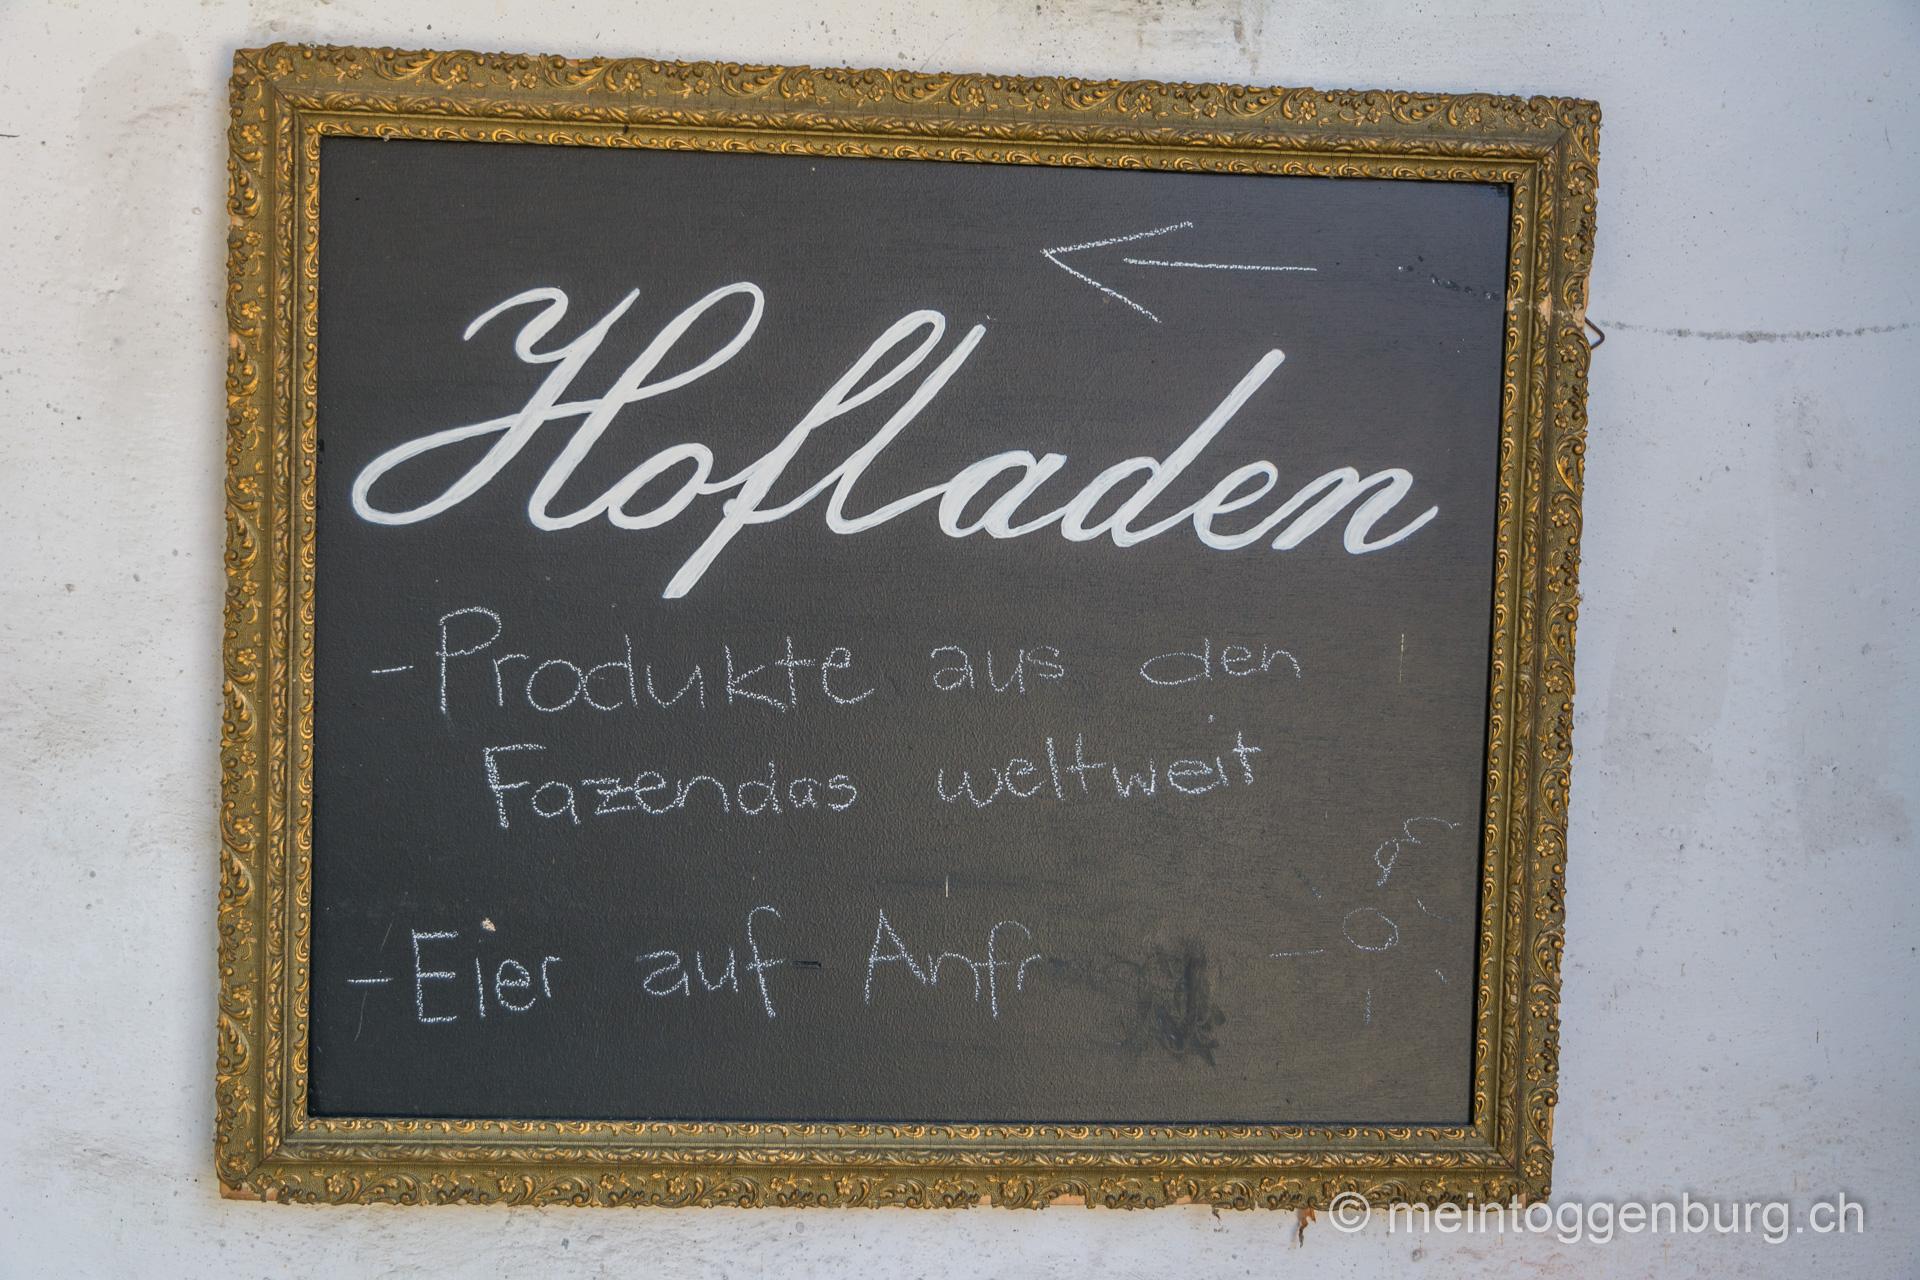 Hofladen Fazenda im Kloster Wattwil